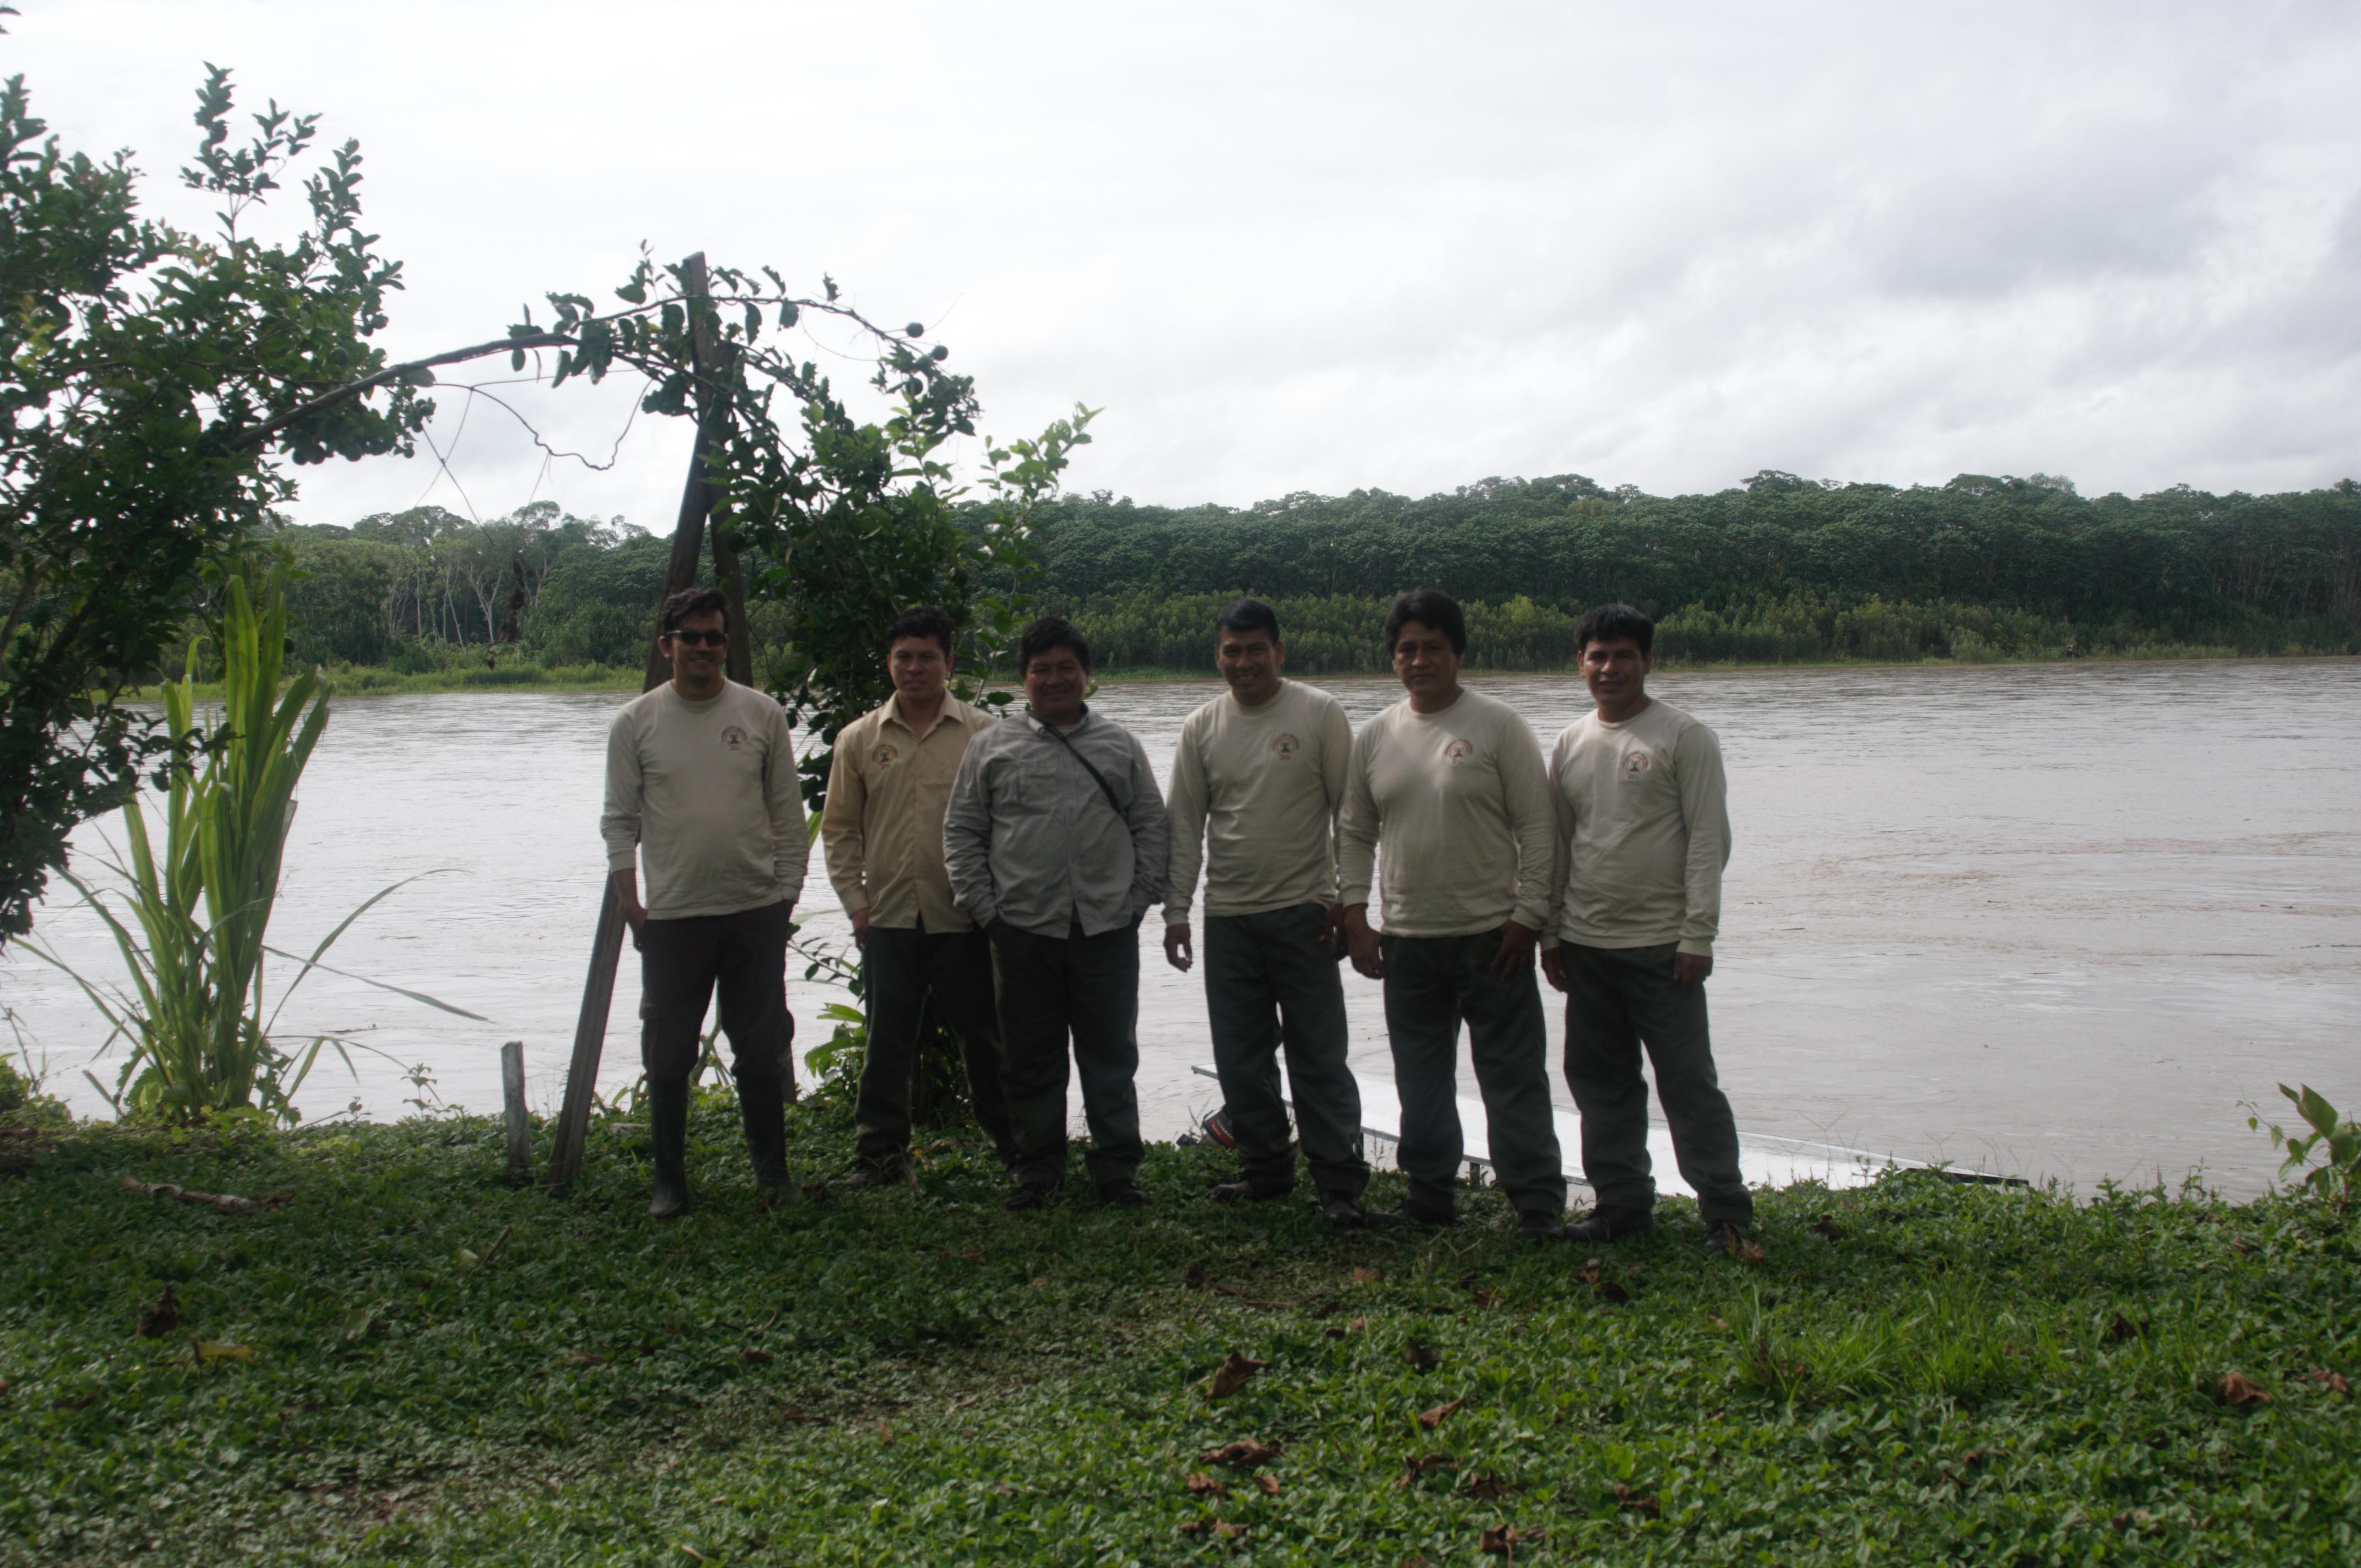 Promotores de Conservación (left to right): Helmut Rengifo; Janer Deyvis Vargas; Amancio Zumbeta; Jose Manuel Shuña; Hernán Collado; Juan Canayo (credit: Carlos R. Garcia)